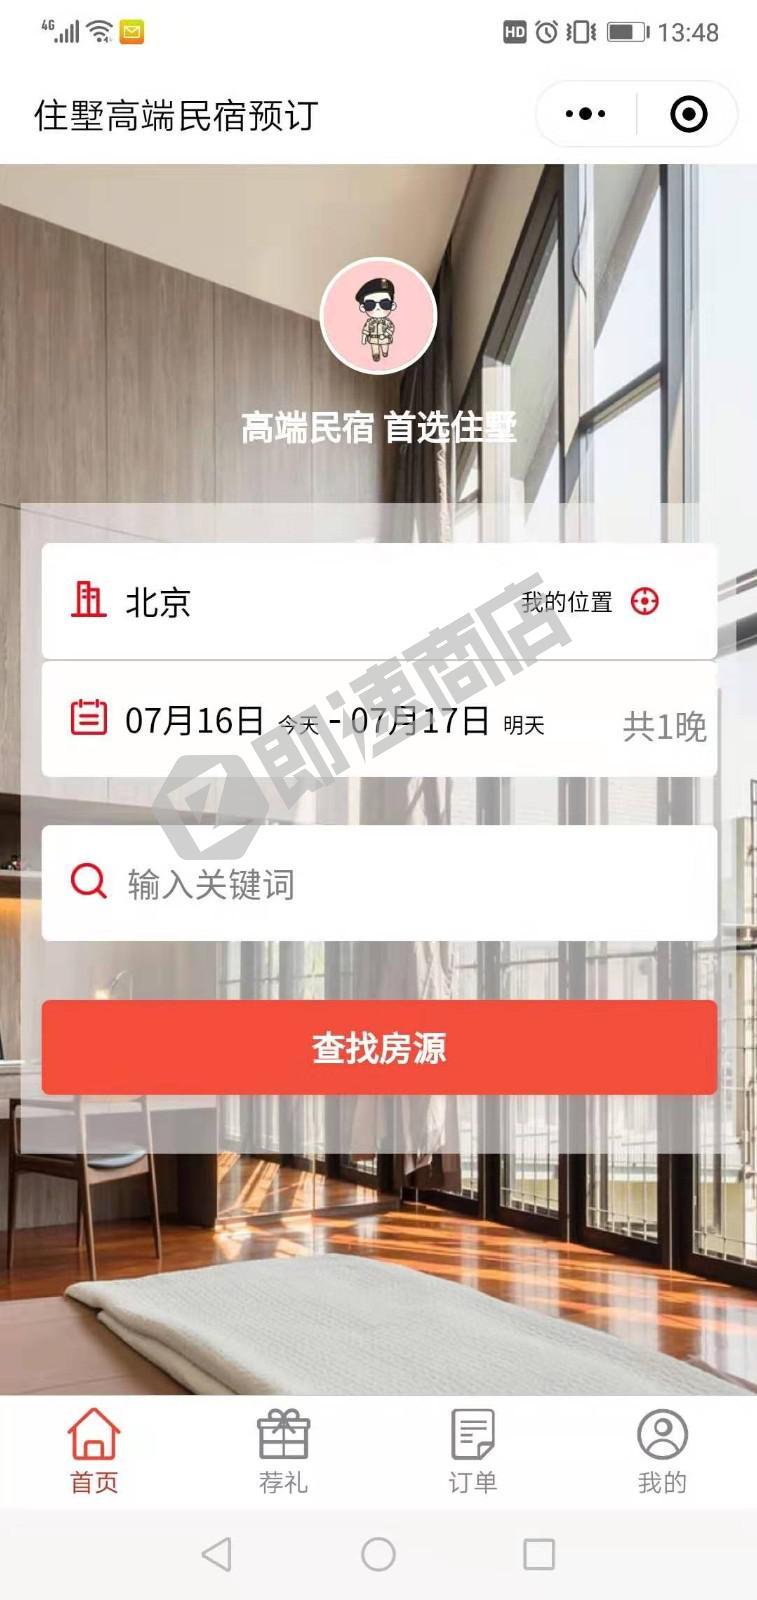 住墅高端民宿预订小程序详情页截图1